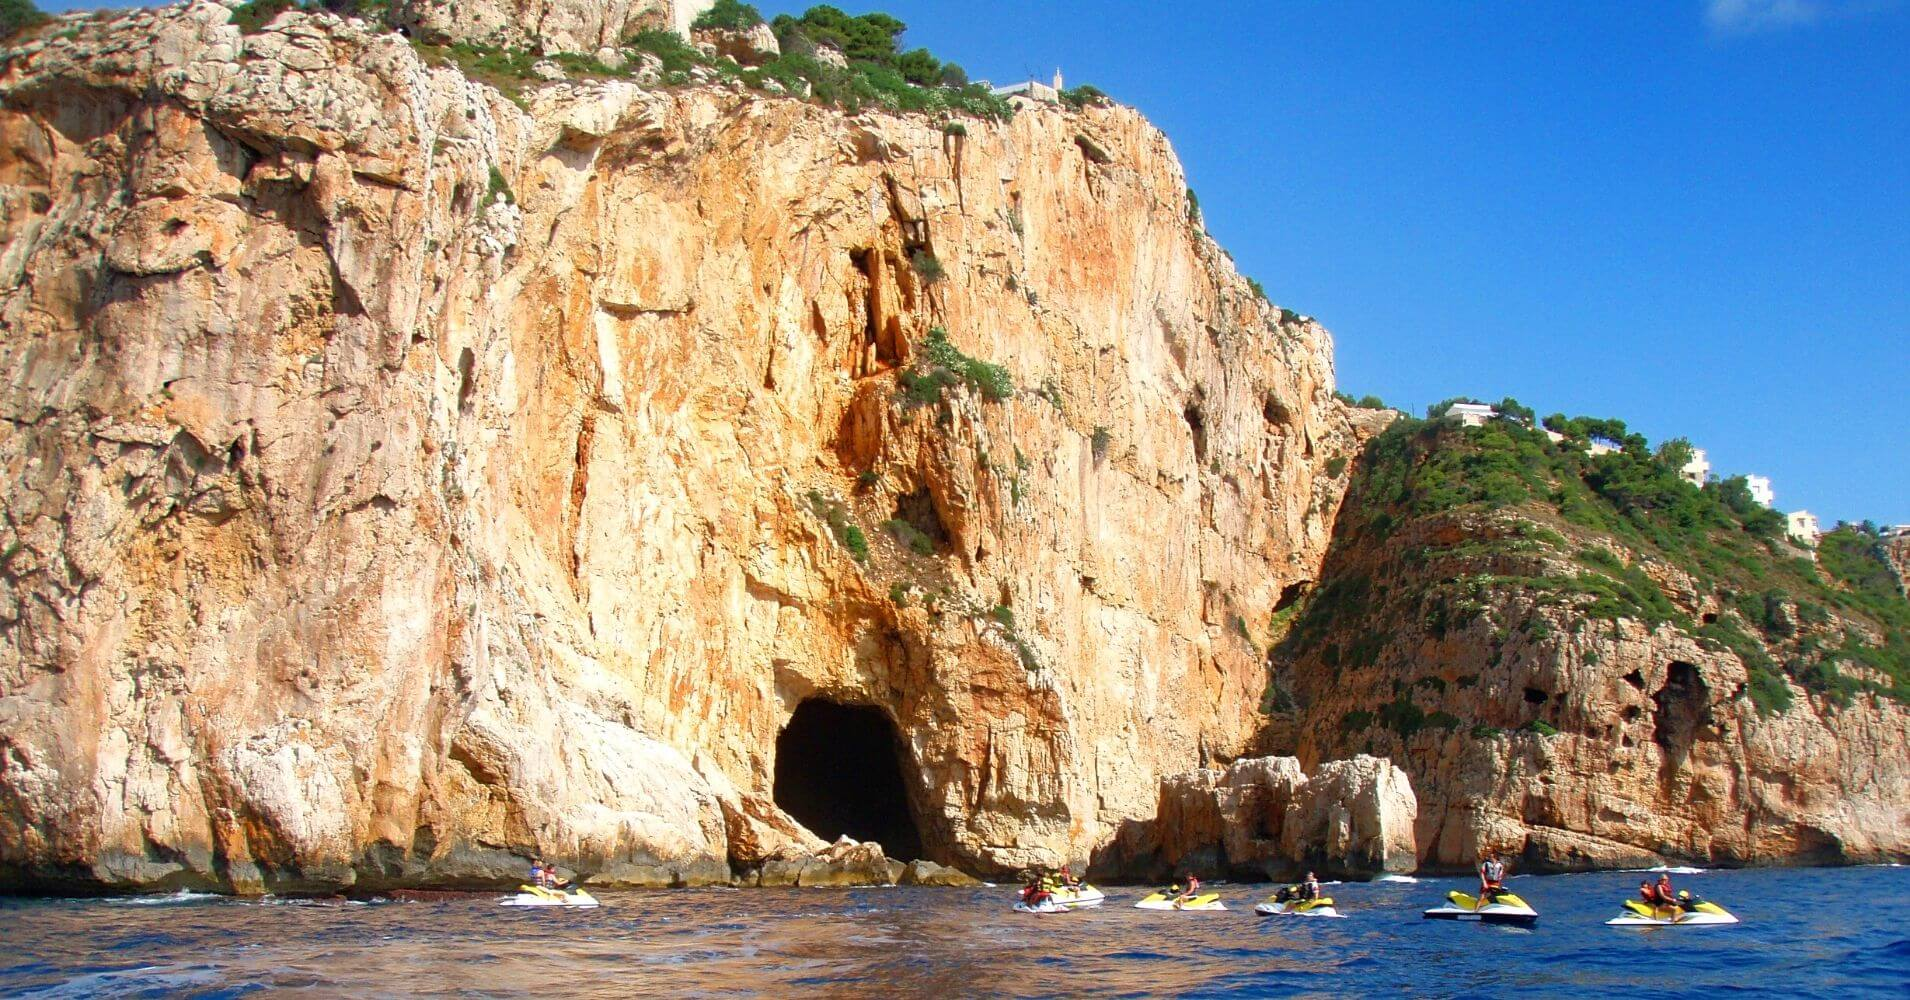 Cueva de los Órganos. Jávea. Alicante, Comunidad Valenciana.